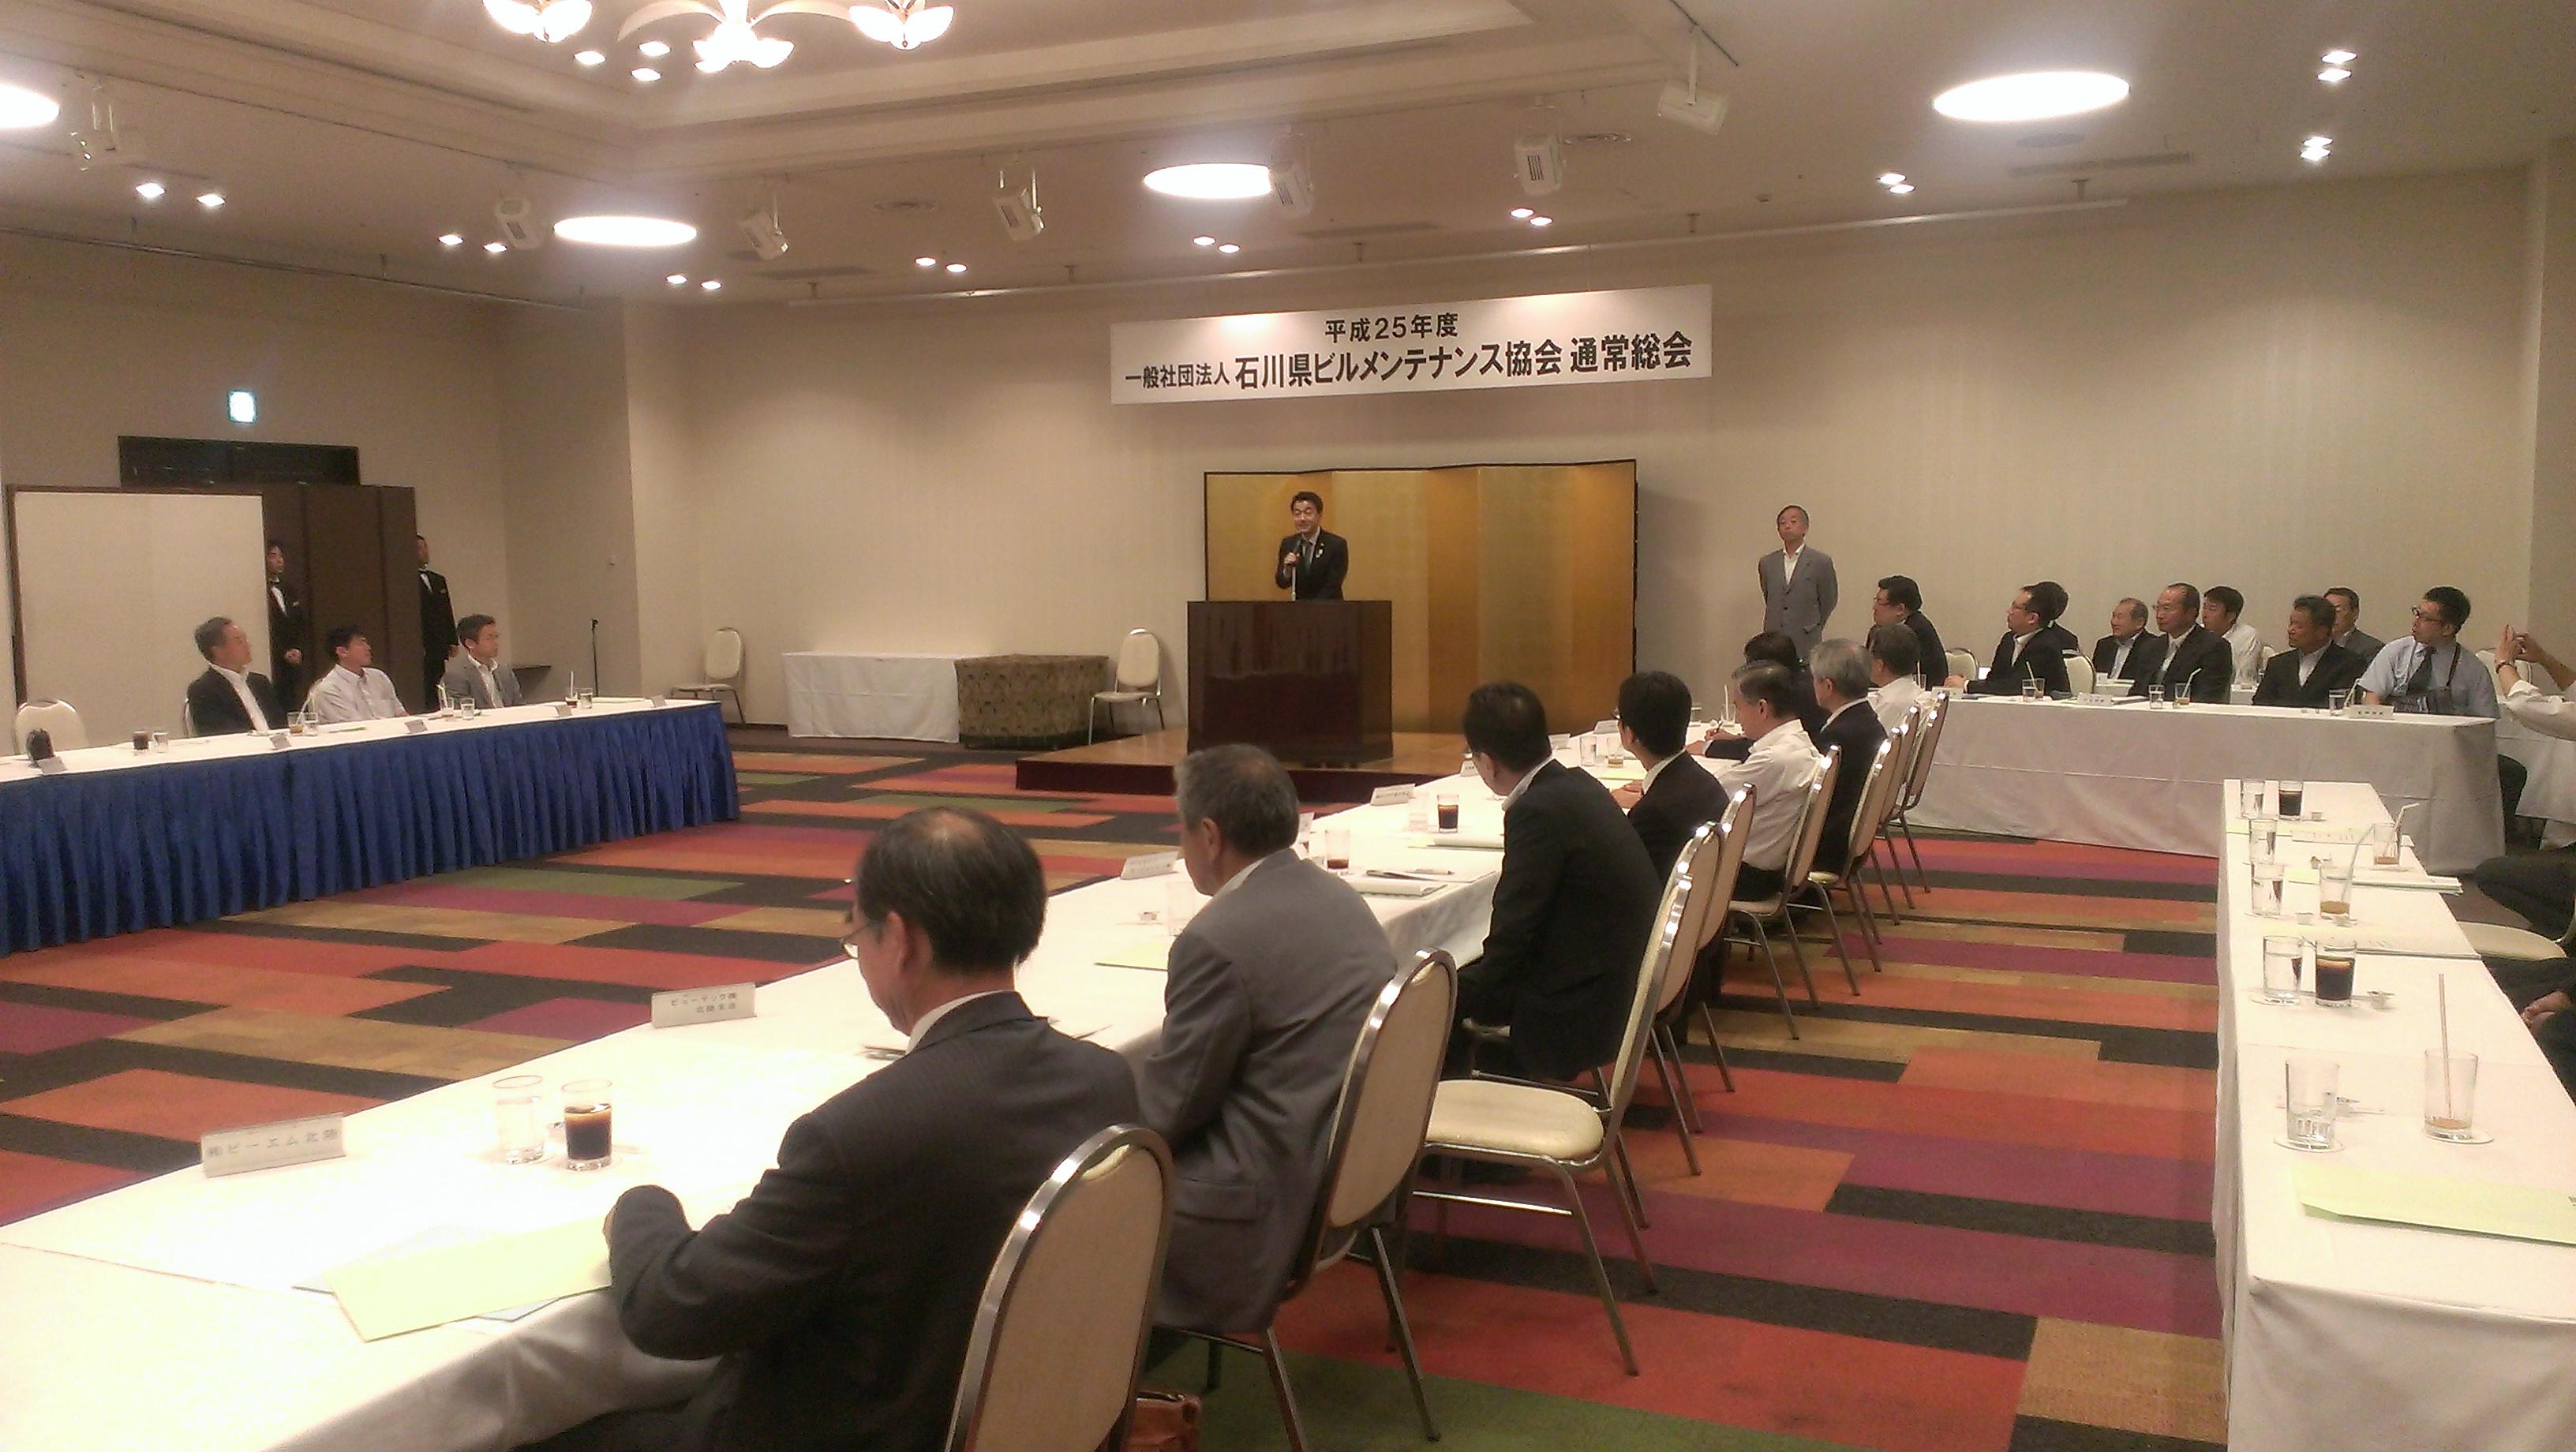 20130712石川県ビルメンテナンス協会総会